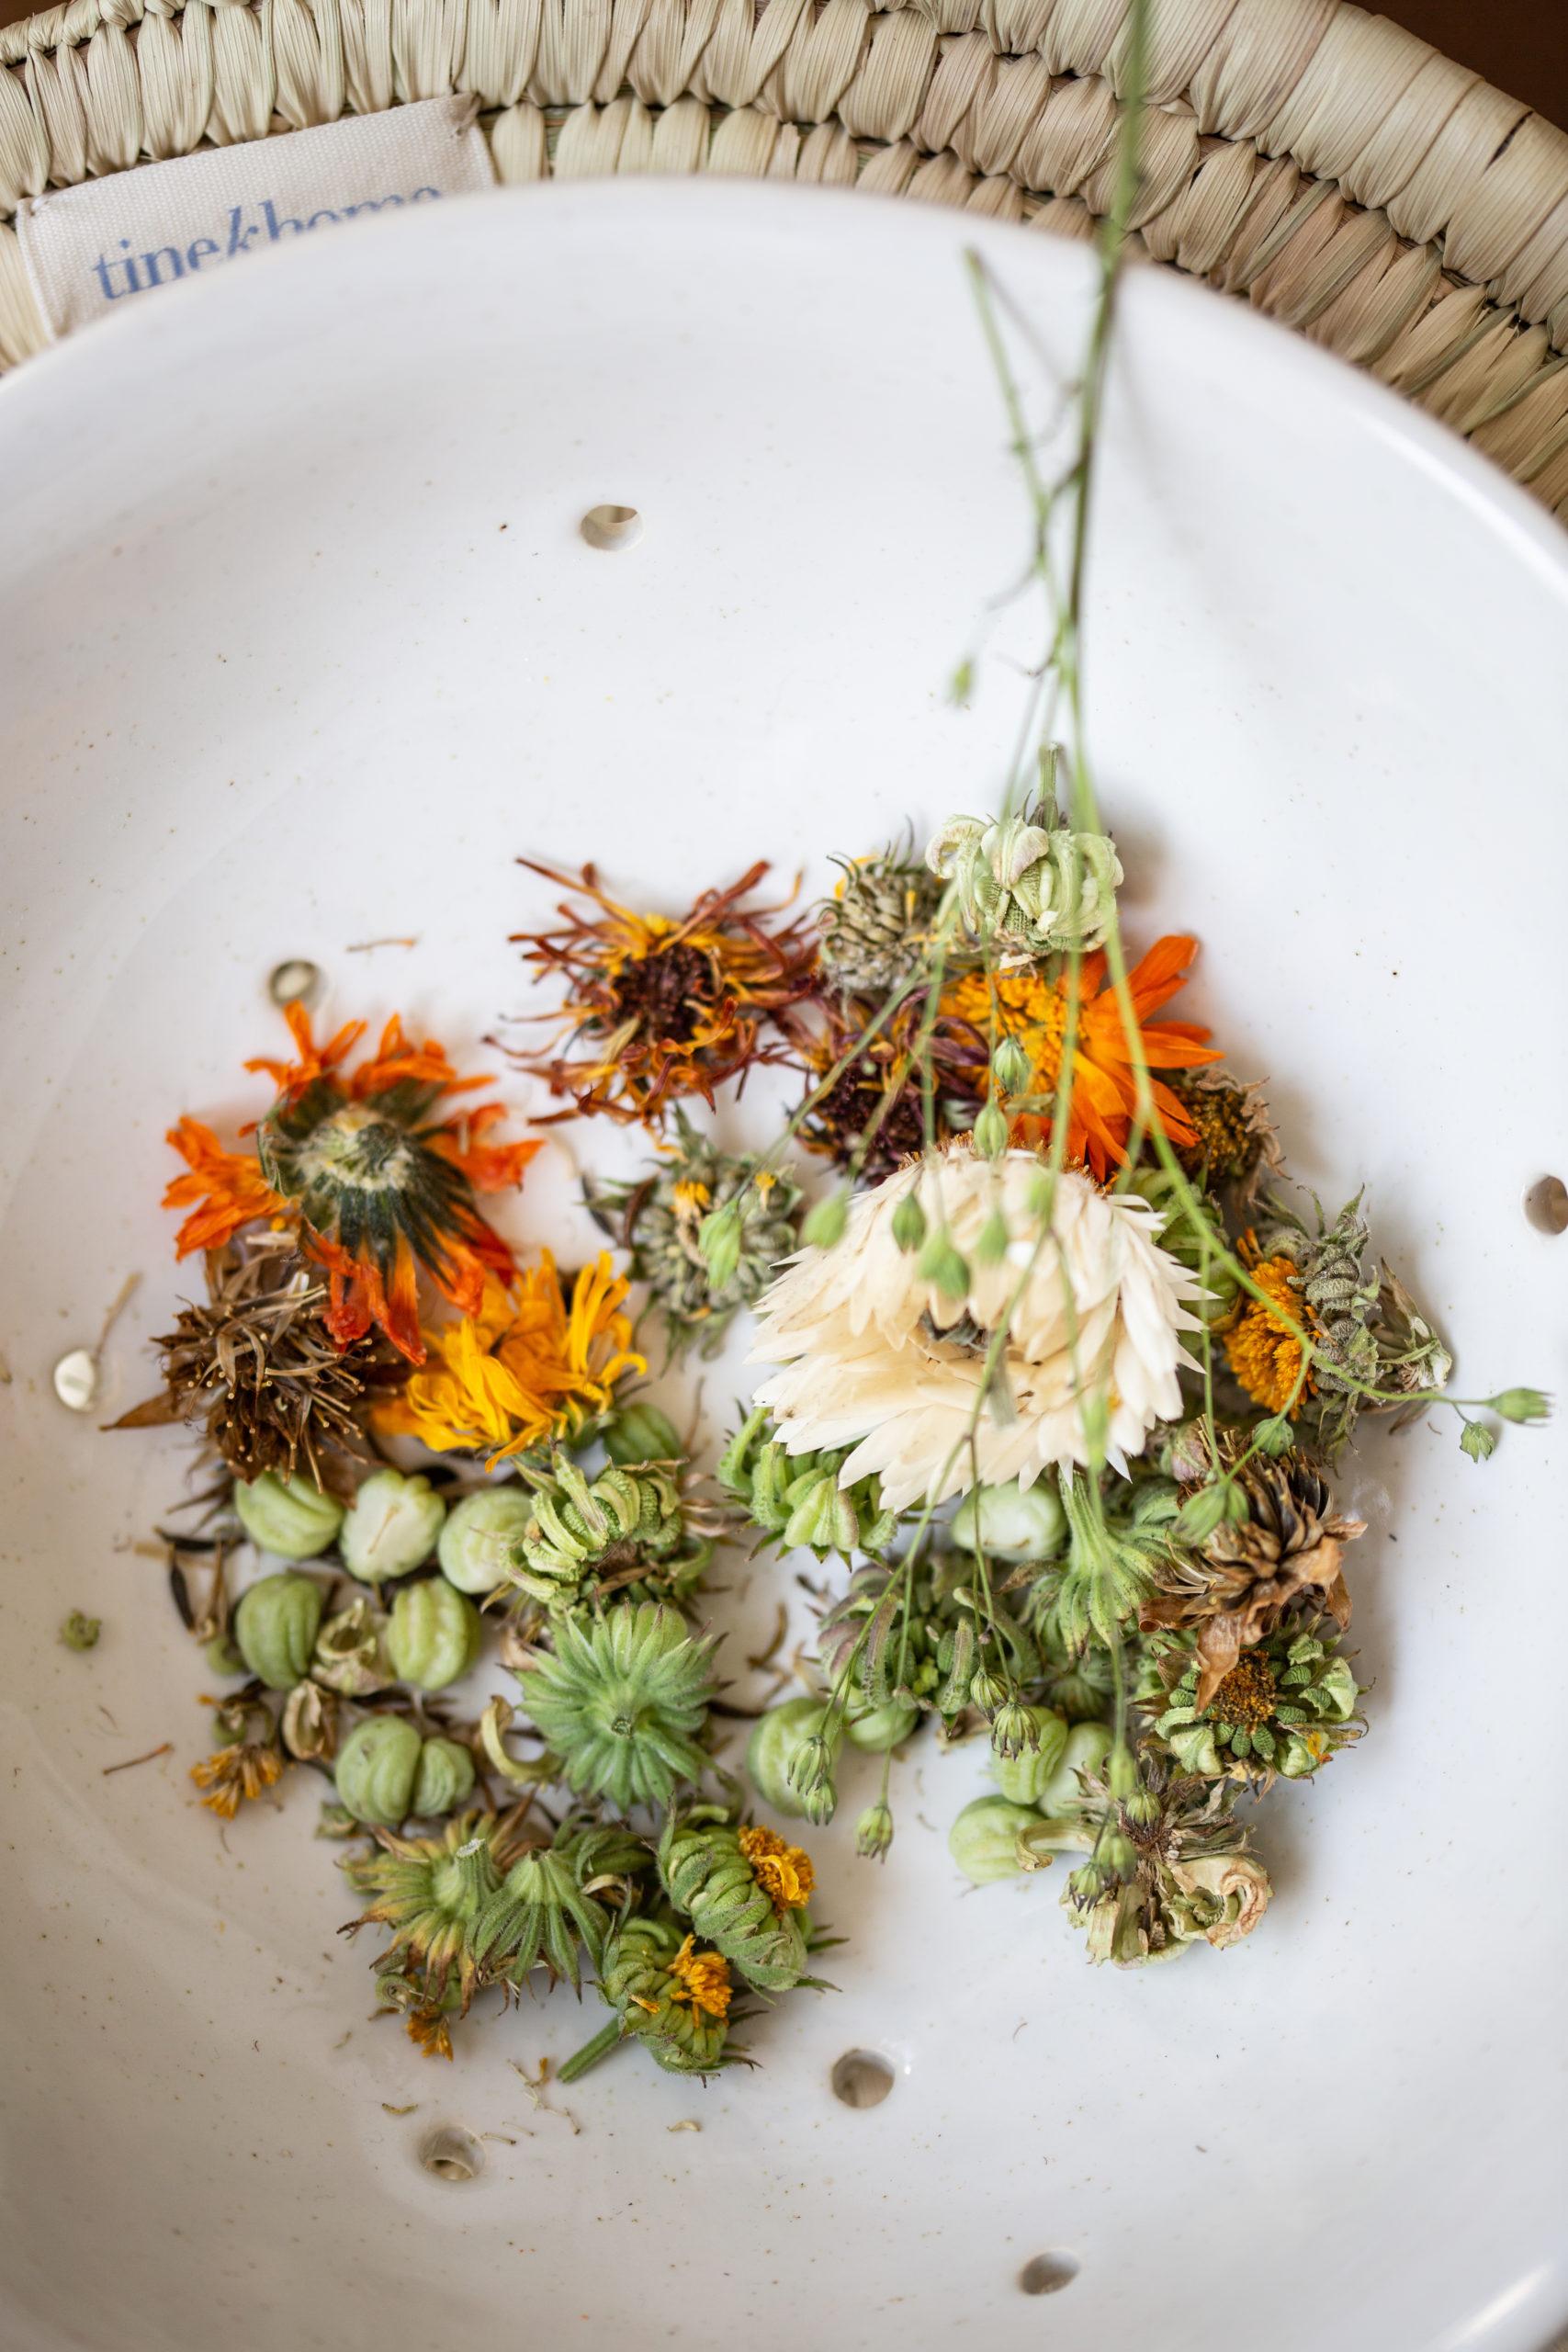 Kräuter Küche - Kapuzinerkresse Essig | Gesunde vegane Rezepte, Fermentation, Nachhaltigkeit - Syl Gervais